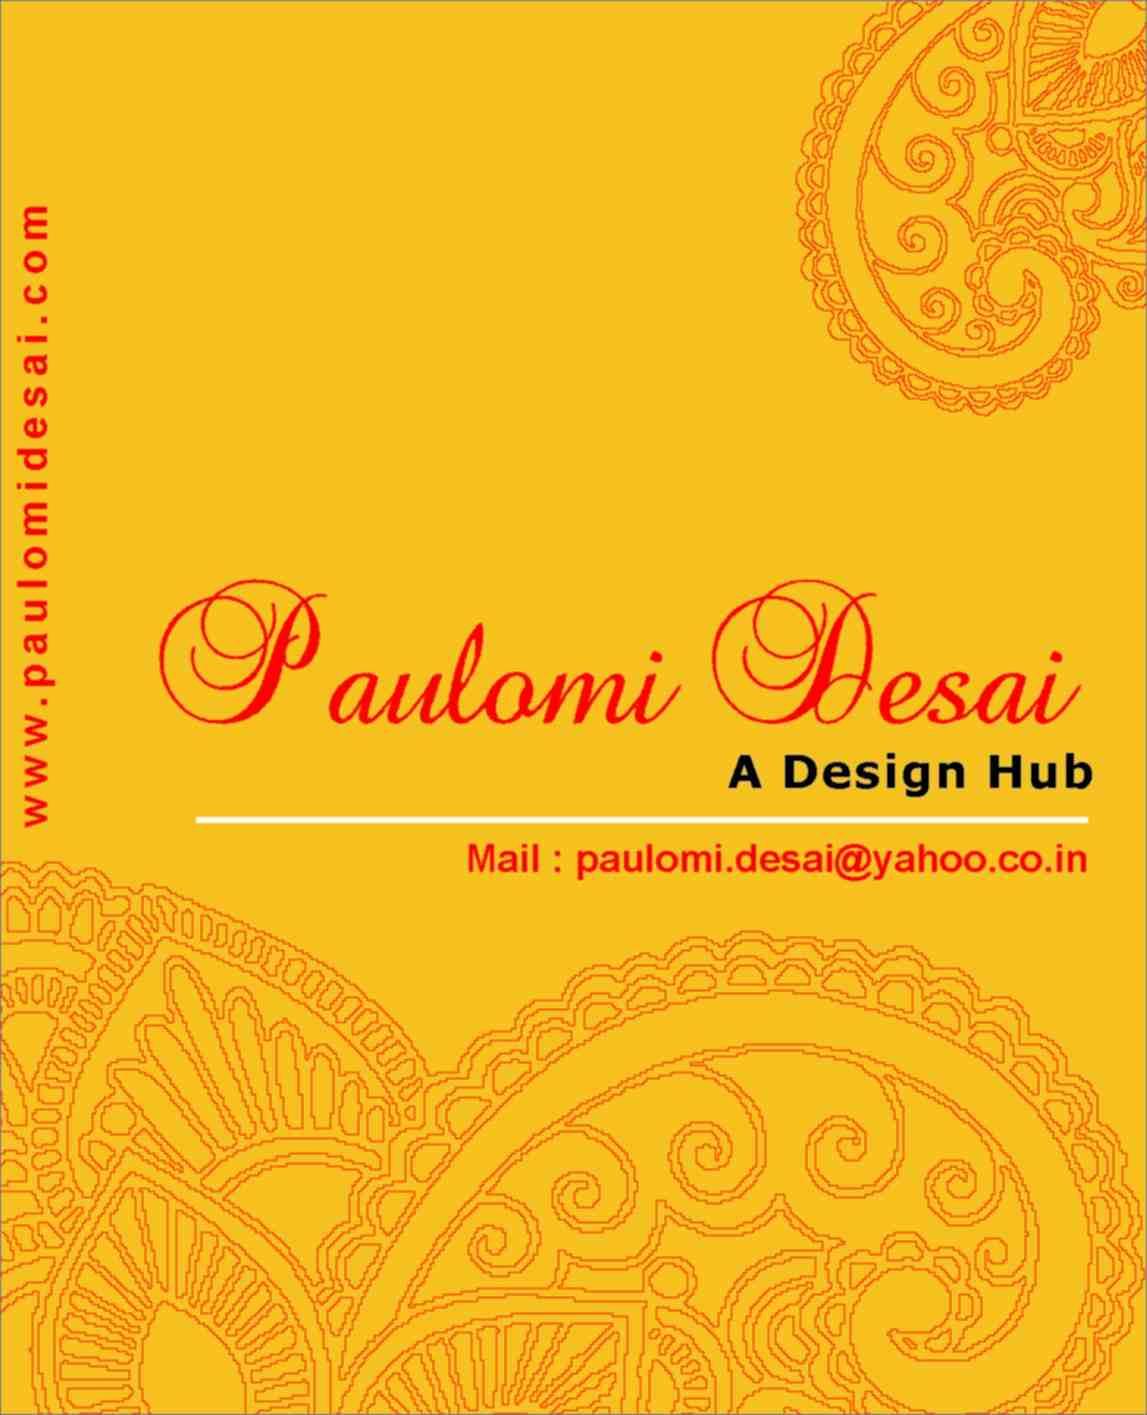 Paulomi Desai